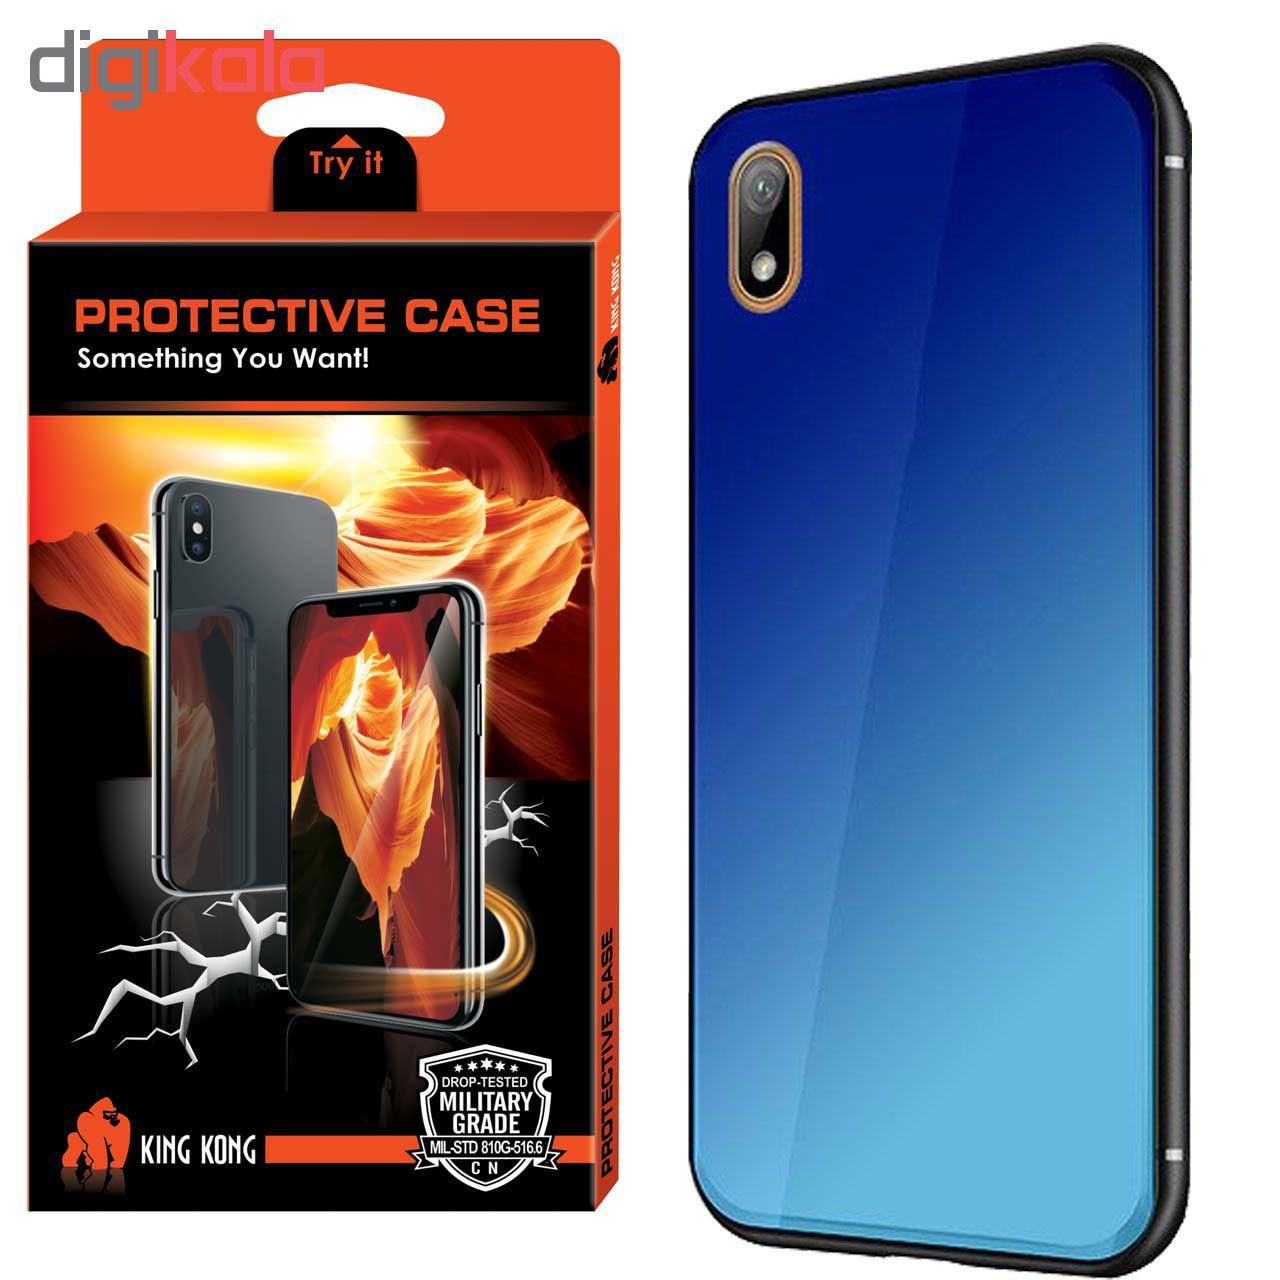 خرید اینترنتی                     کاور کینگ کونگ مدل PG01 مناسب برای گوشی موبایل هوآوی Y5 2019              با قیمت مناسب